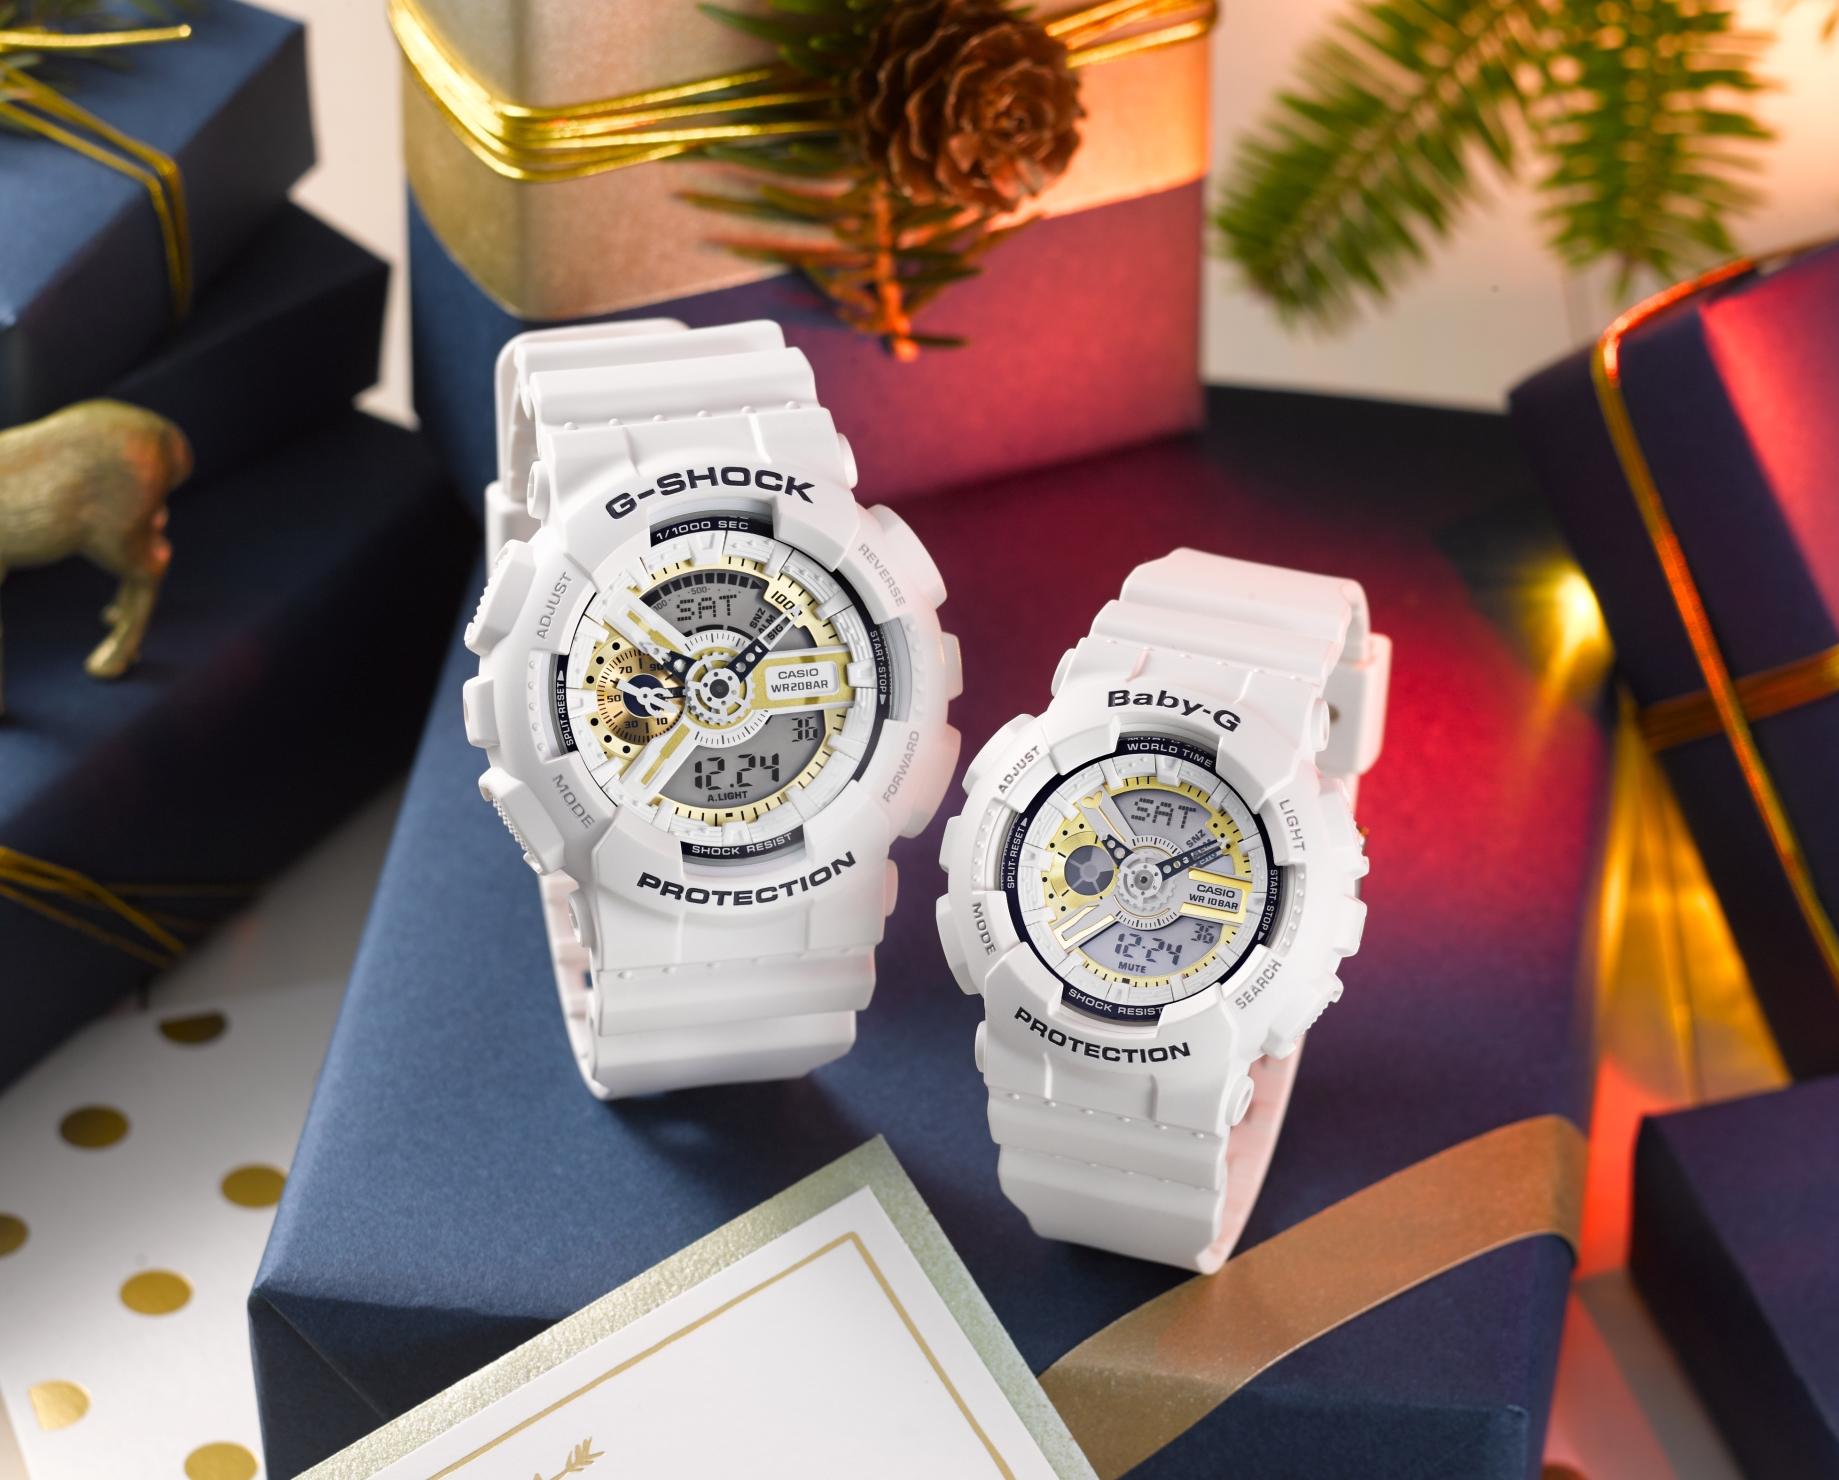 G-SHOCK 恋人たちに贈るクリスマス限定ペア「LOVER'S COLLECTION(ラバーズコレクション)LOV-16A-7AJR&LOV-16C-7JR」残り僅かです。は完売-G-SHOCK -GA-110LD-7A_BA-110LD-7A_theme